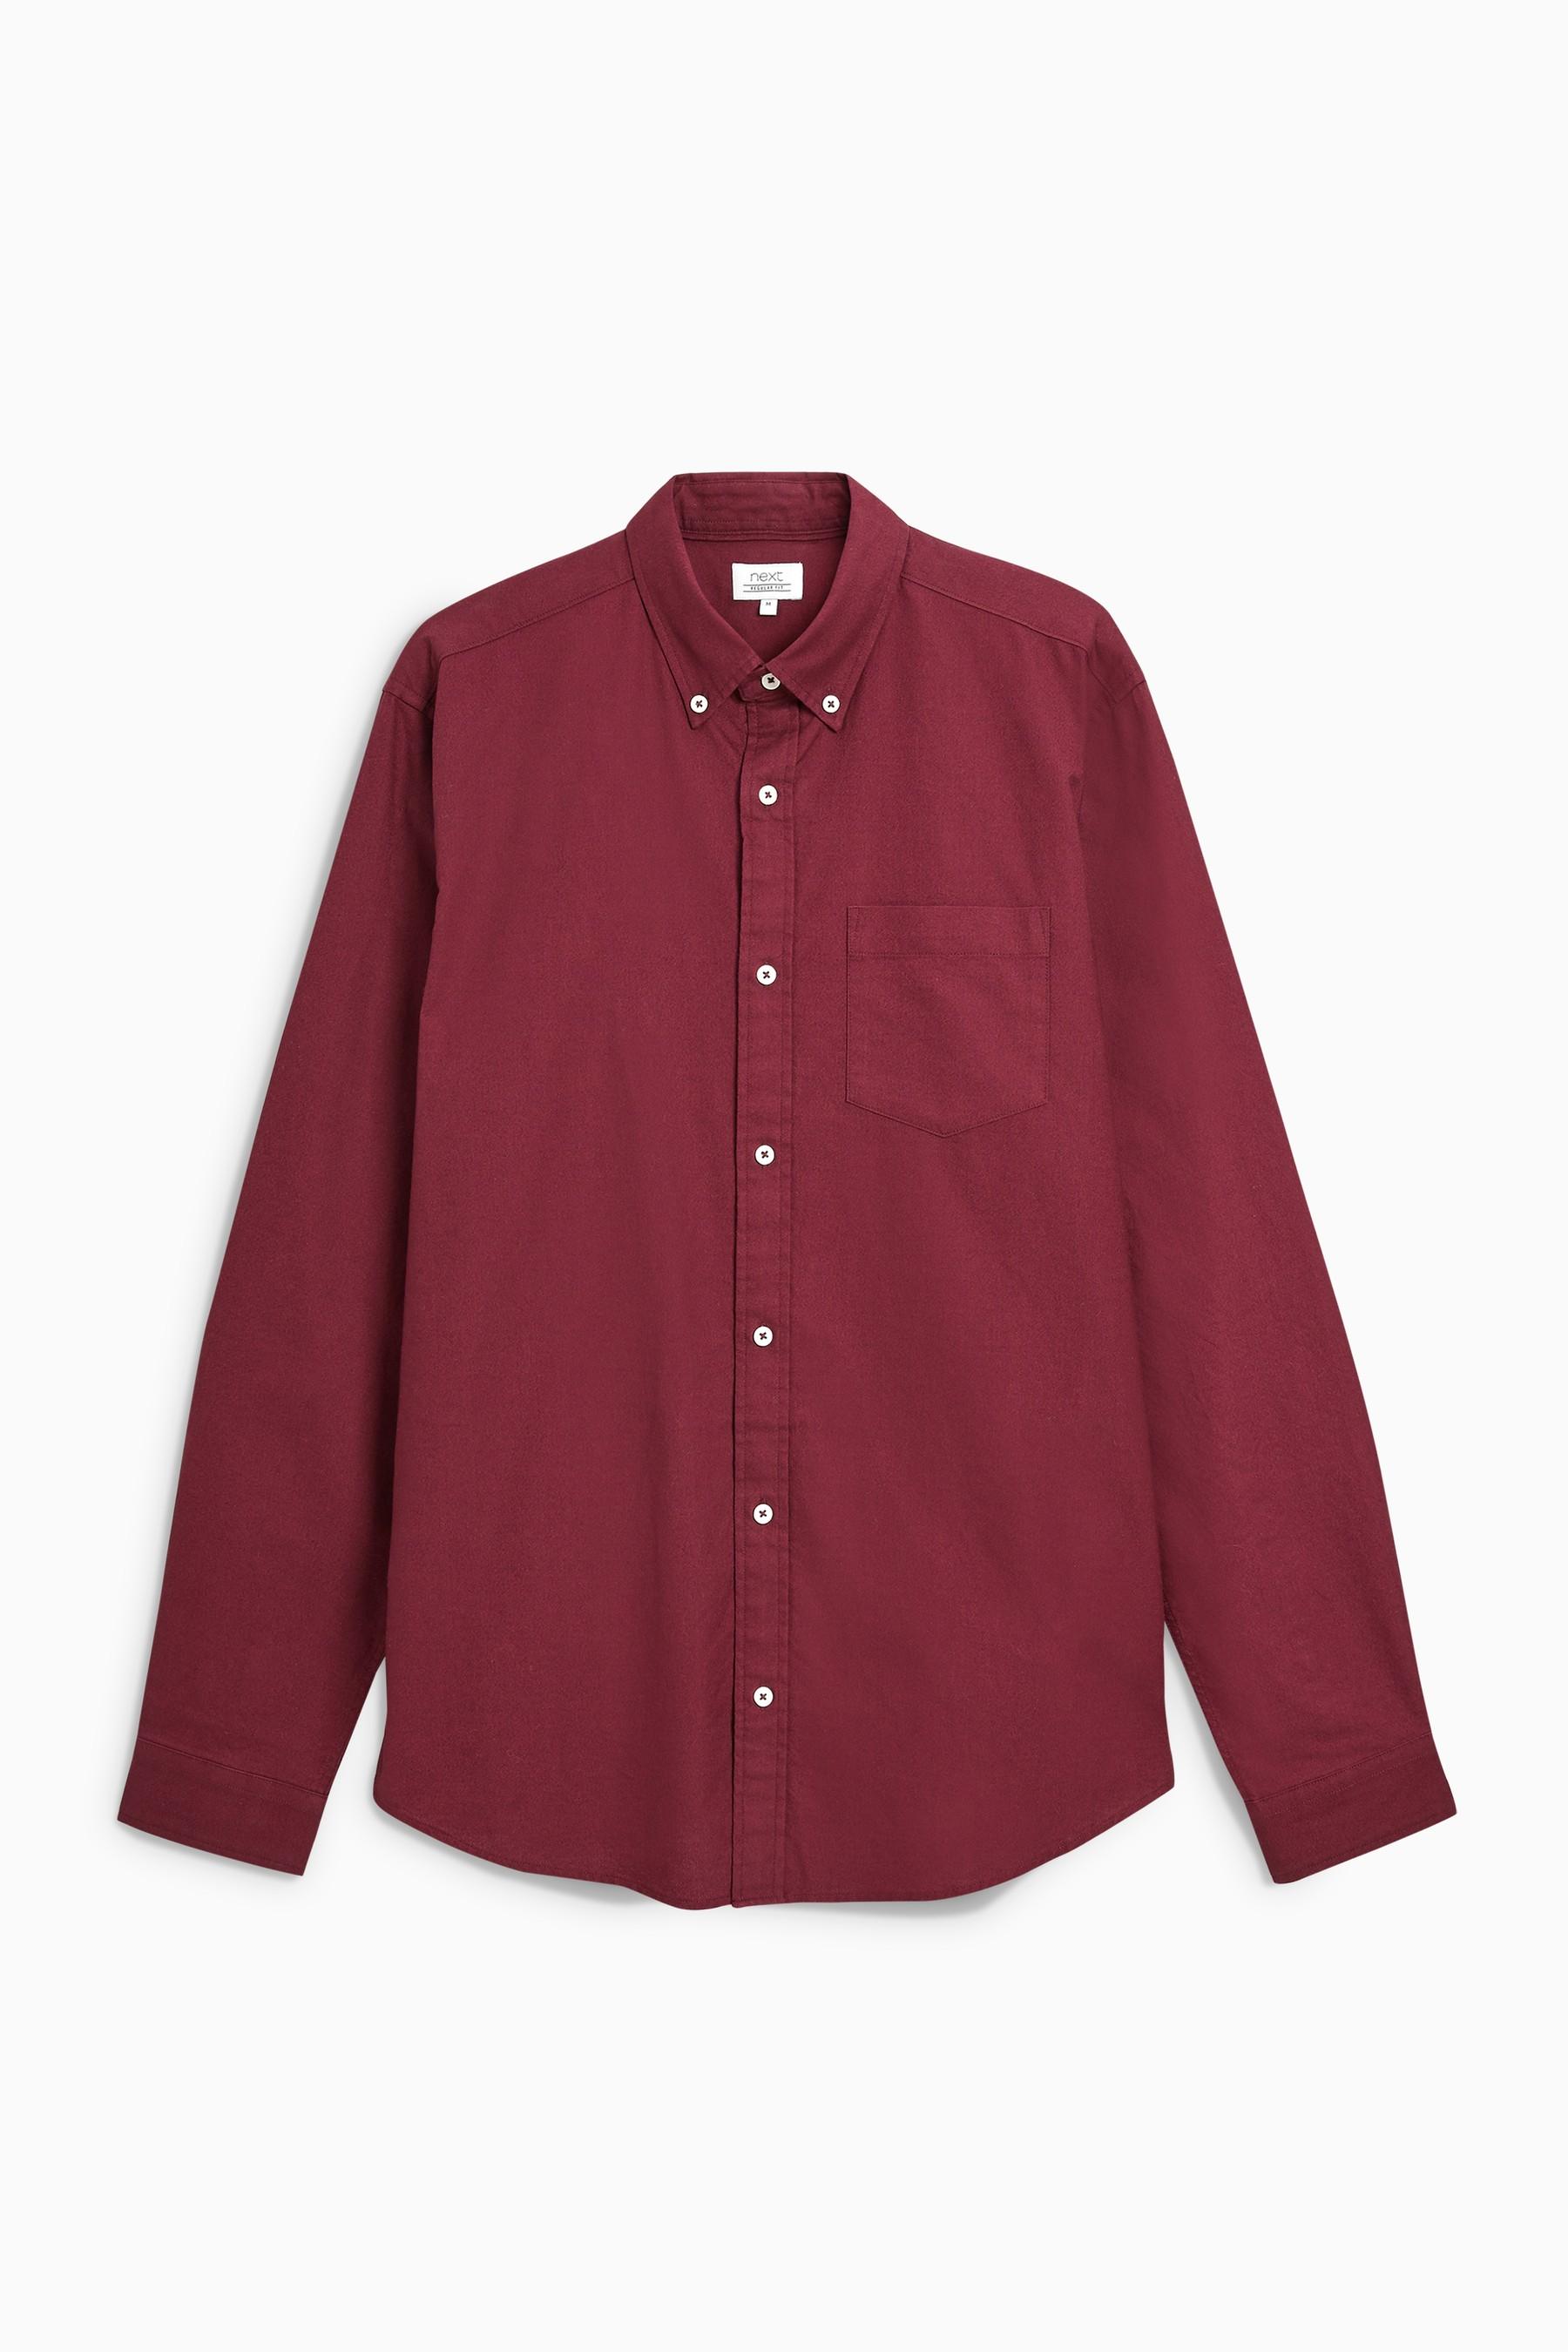 Red Oxford Shirt Linen Blend